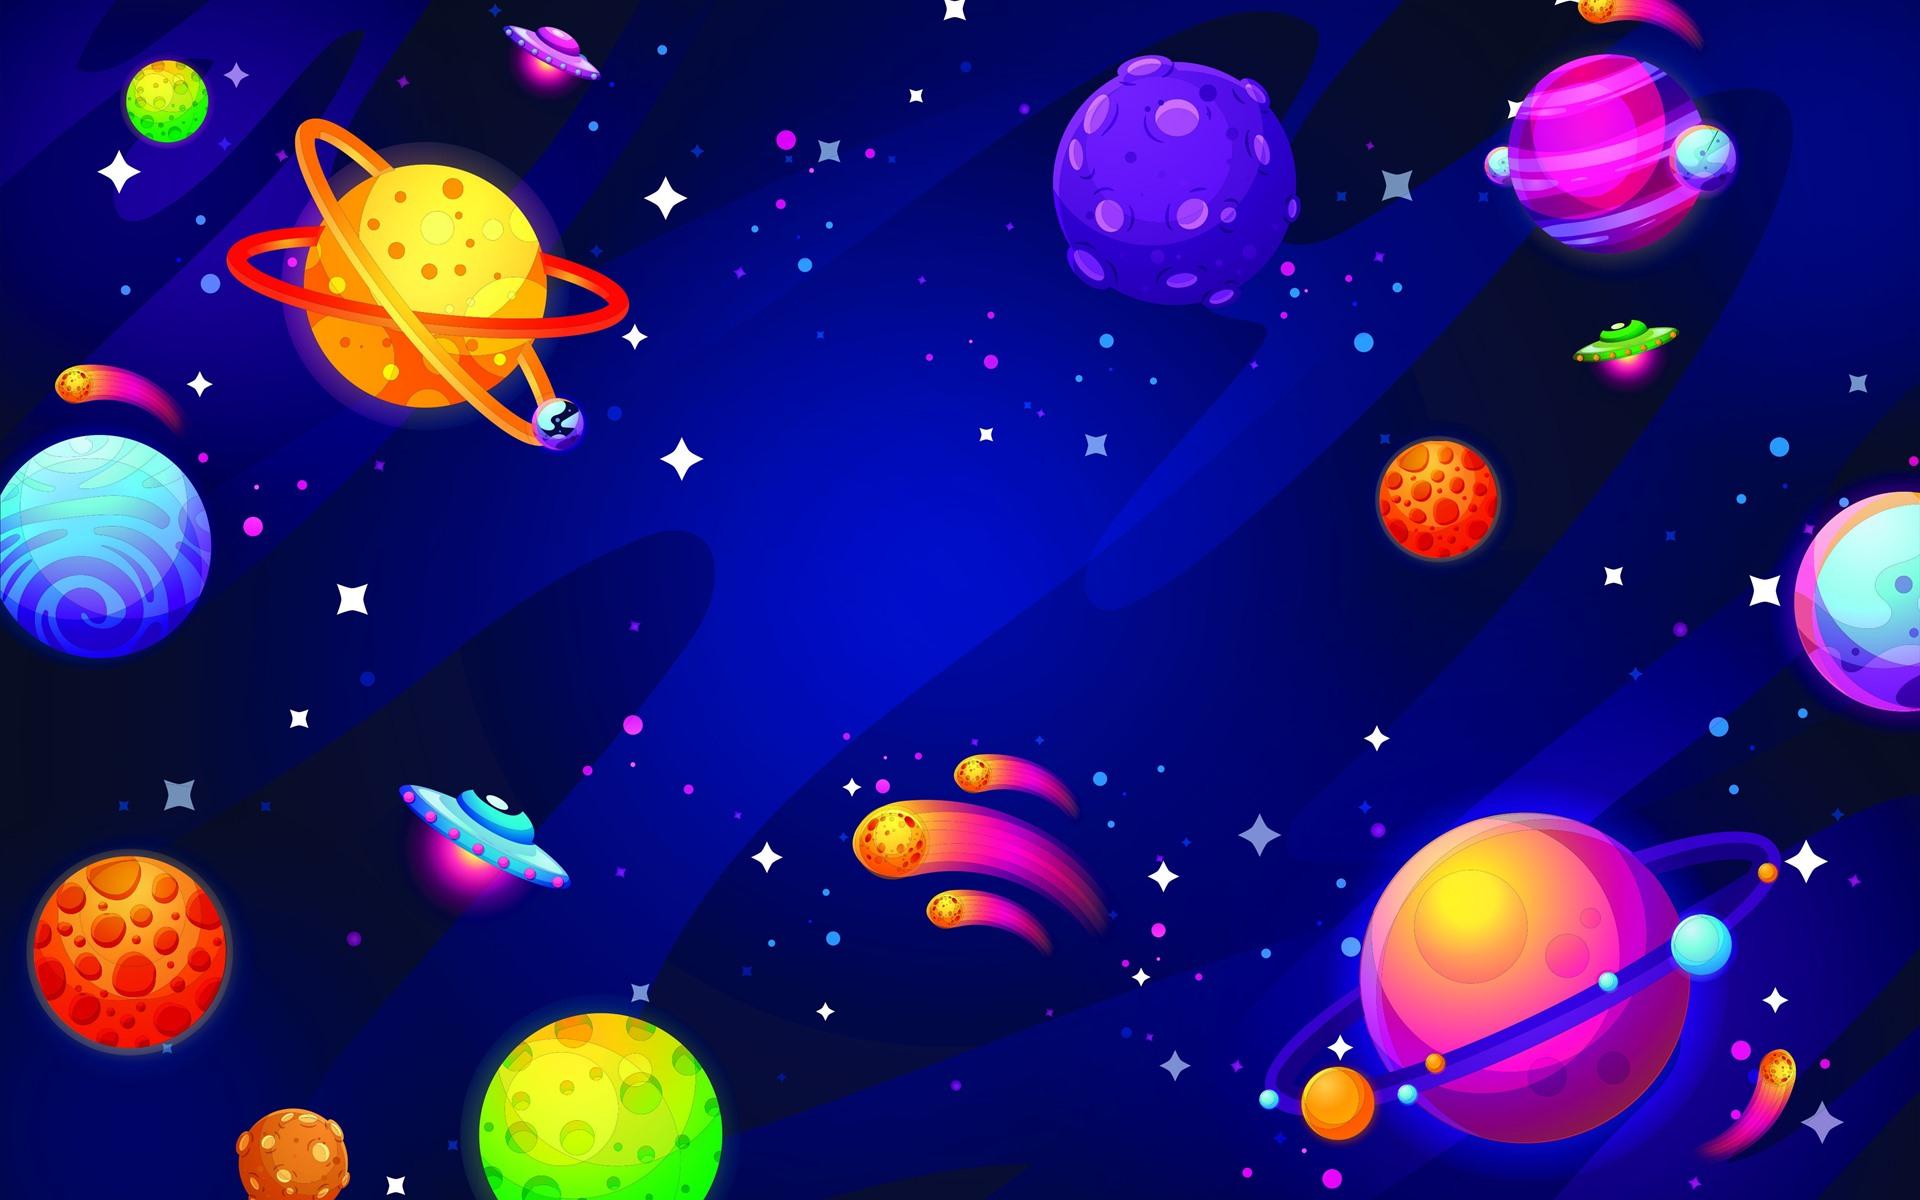 картинки планета игр как говорится